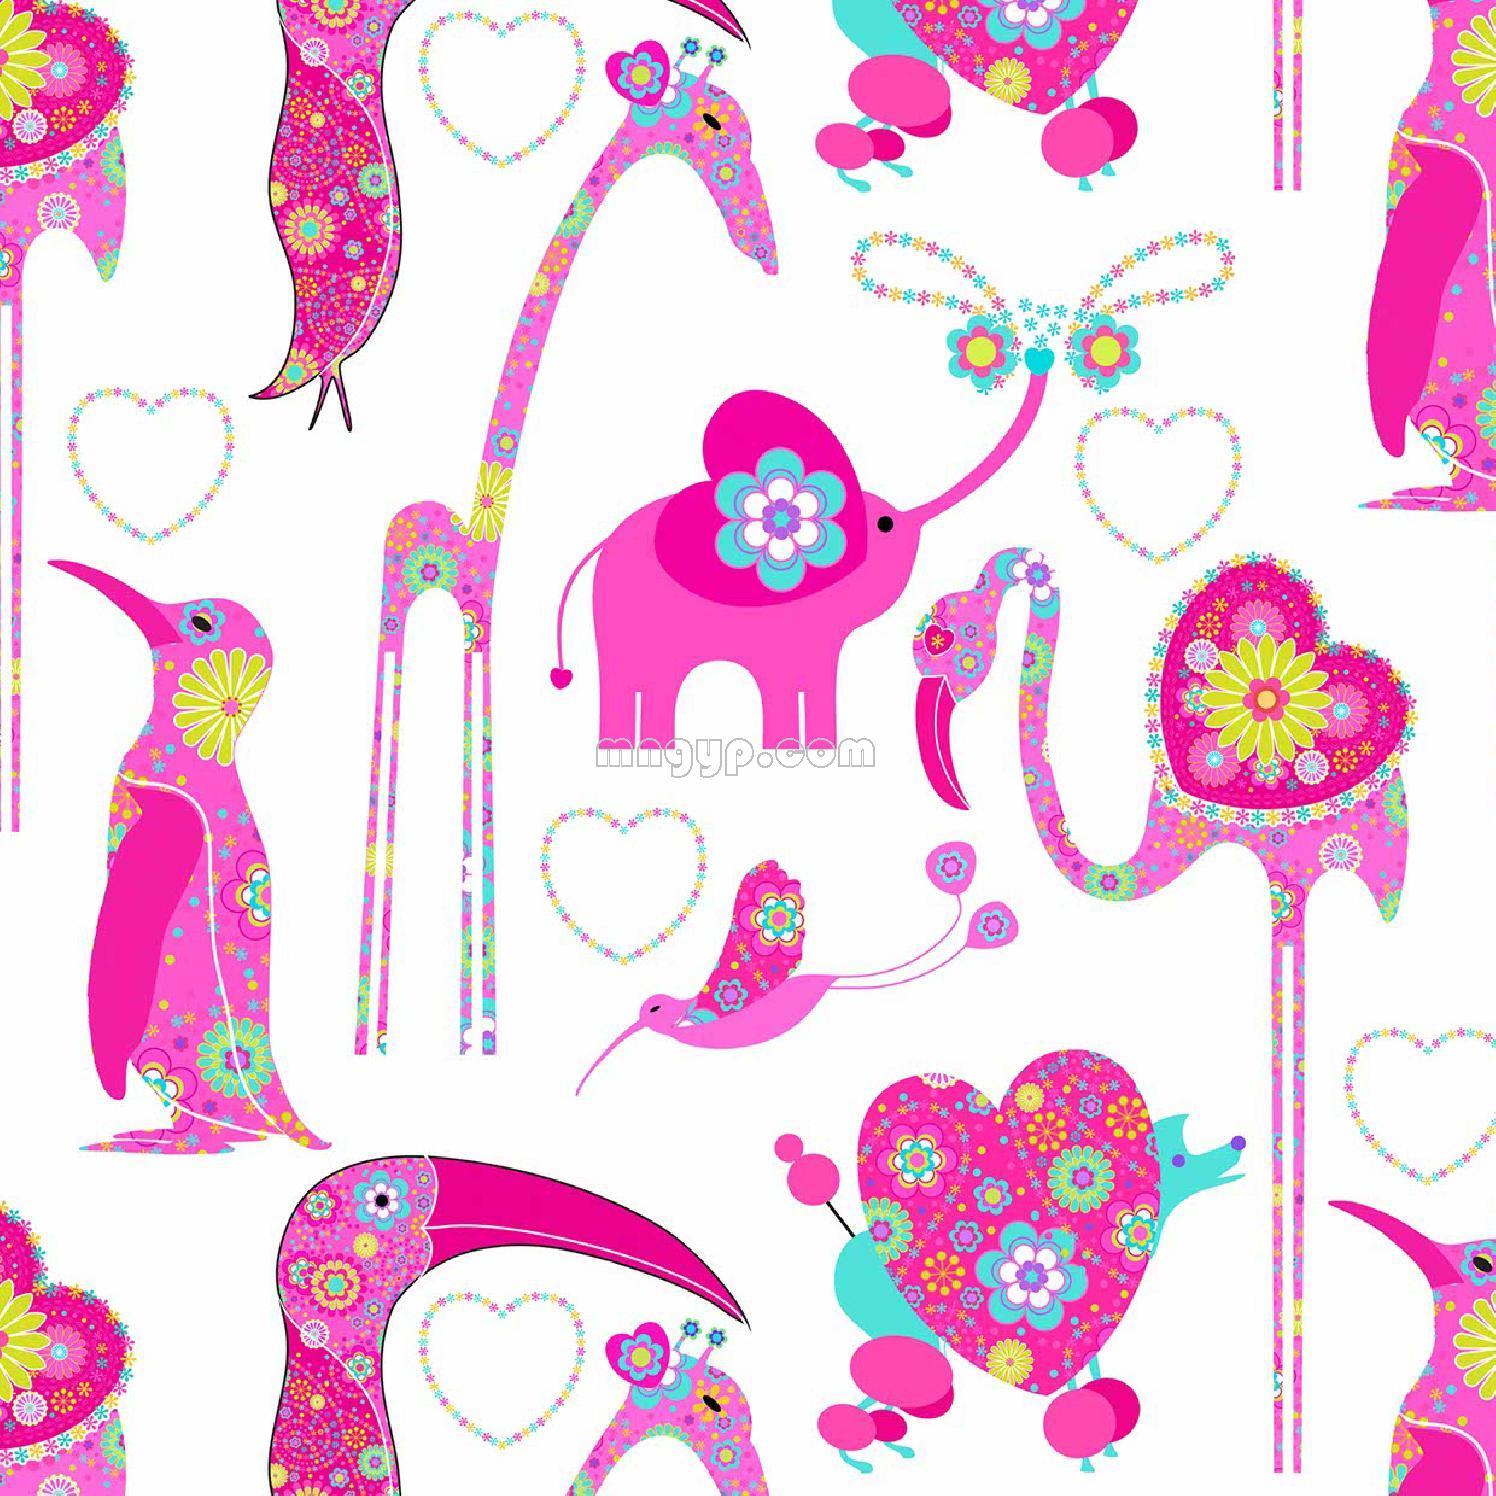 2013国外流行花纹设计网_礼品设计